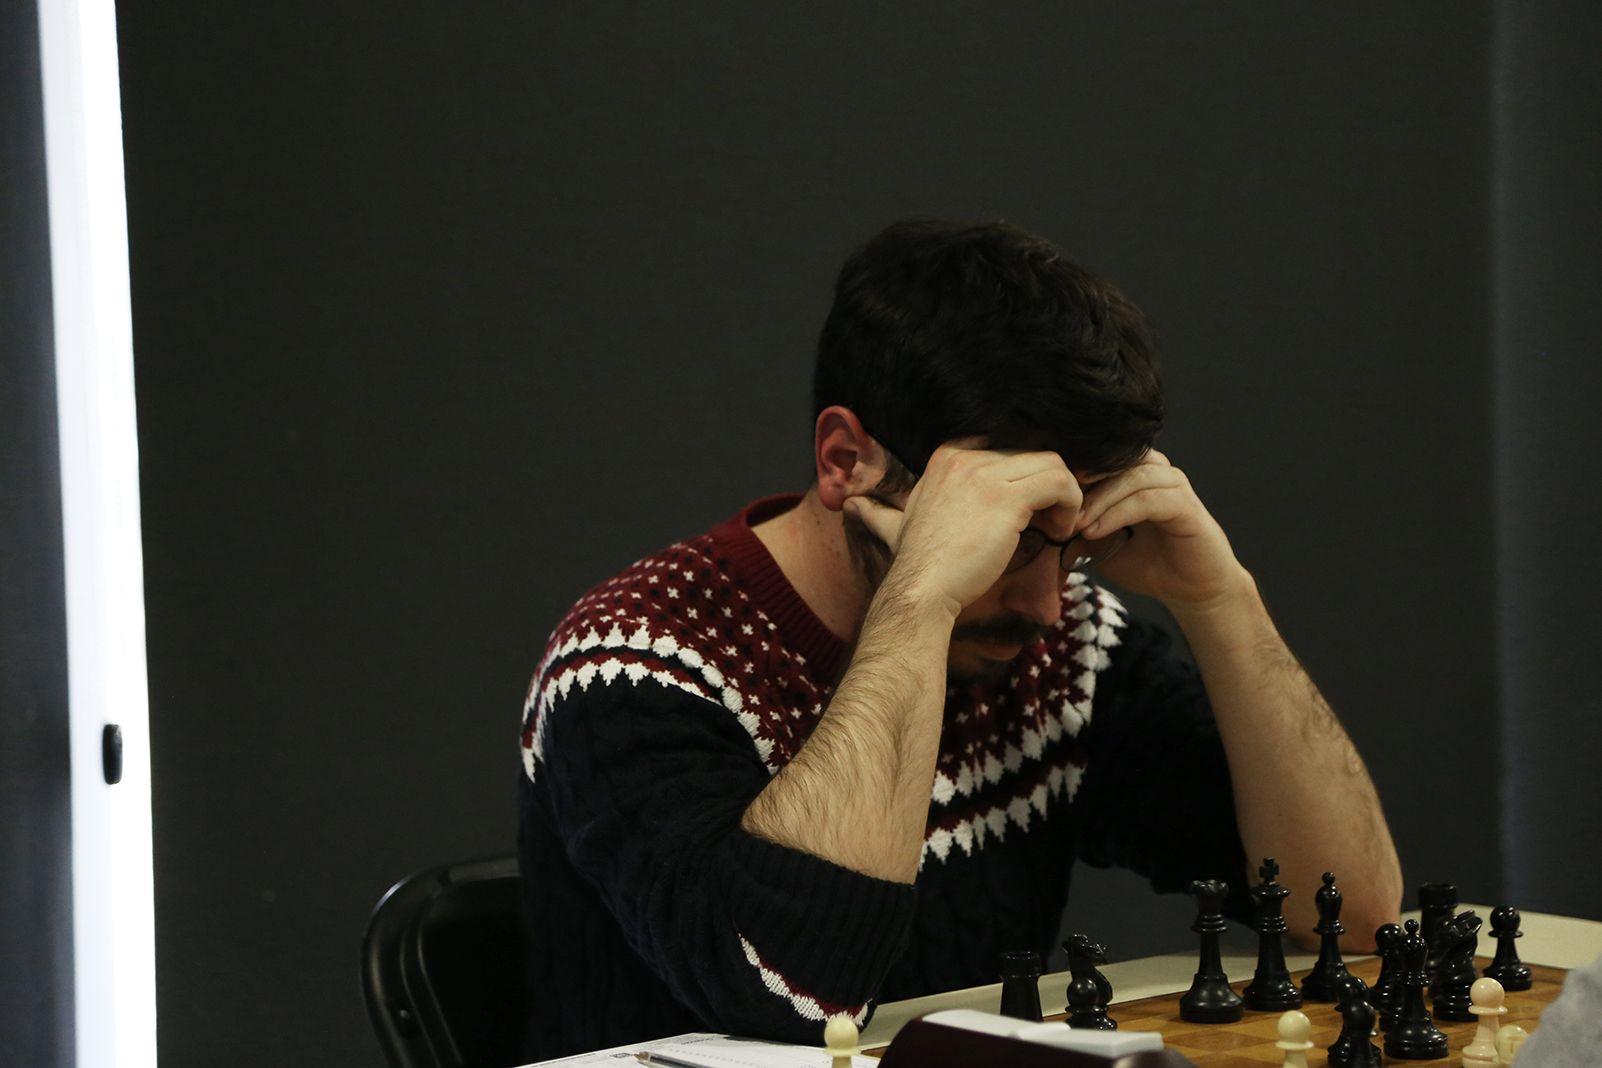 Partit de lliga escacs masculí Club d'Escacs Sant Cugat-Gerunda. FOTO: Anna Bassa